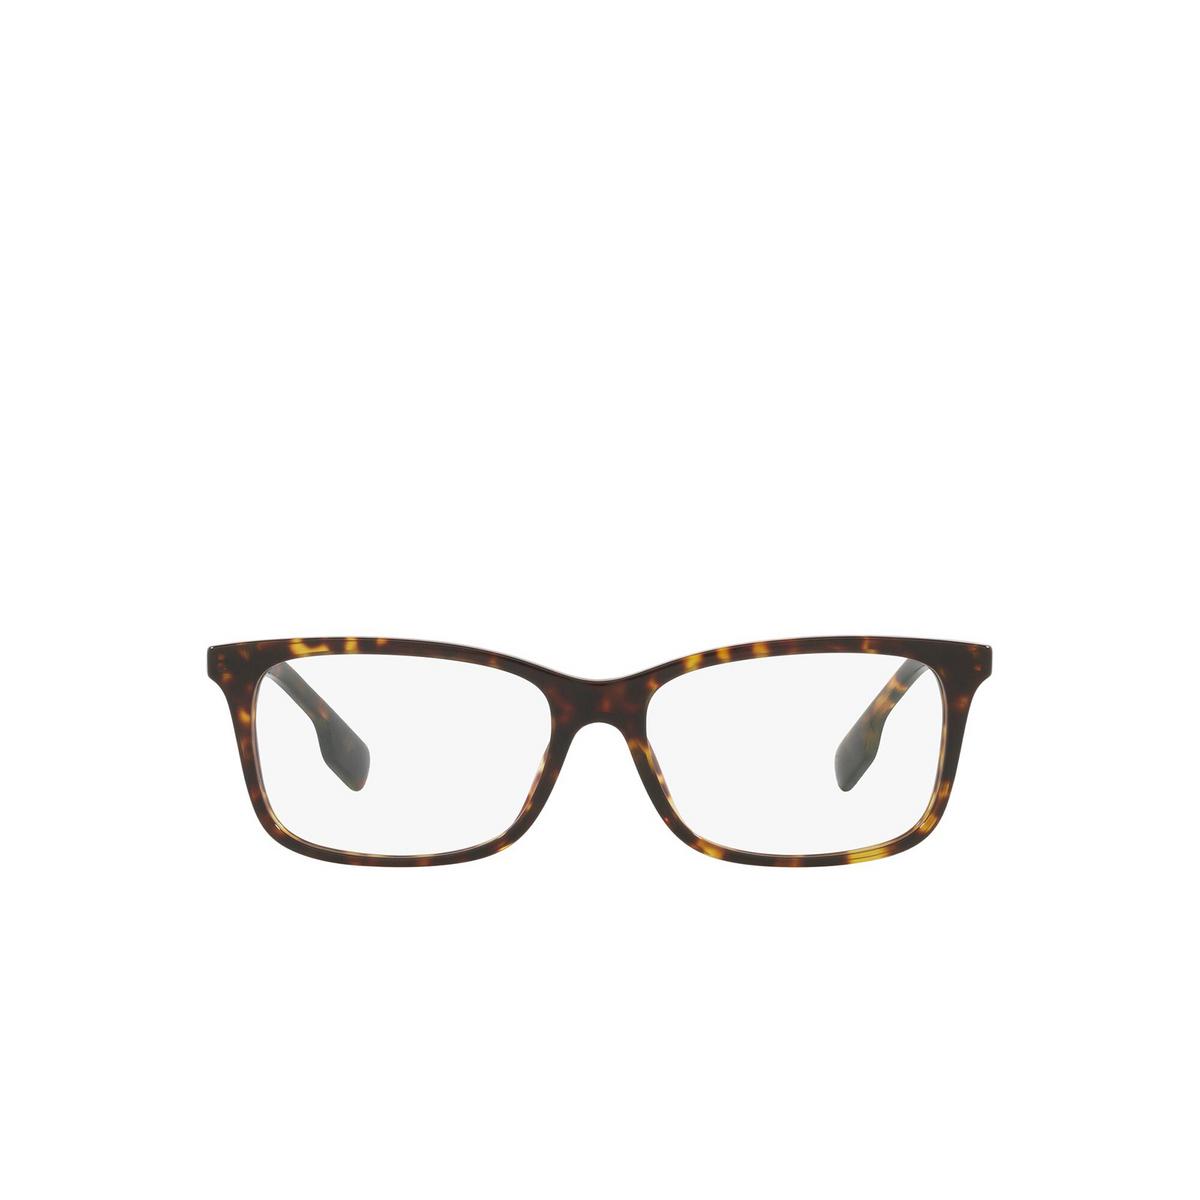 Burberry® Rectangle Eyeglasses: Fleet BE2337 color Dark Havana 3002 - front view.